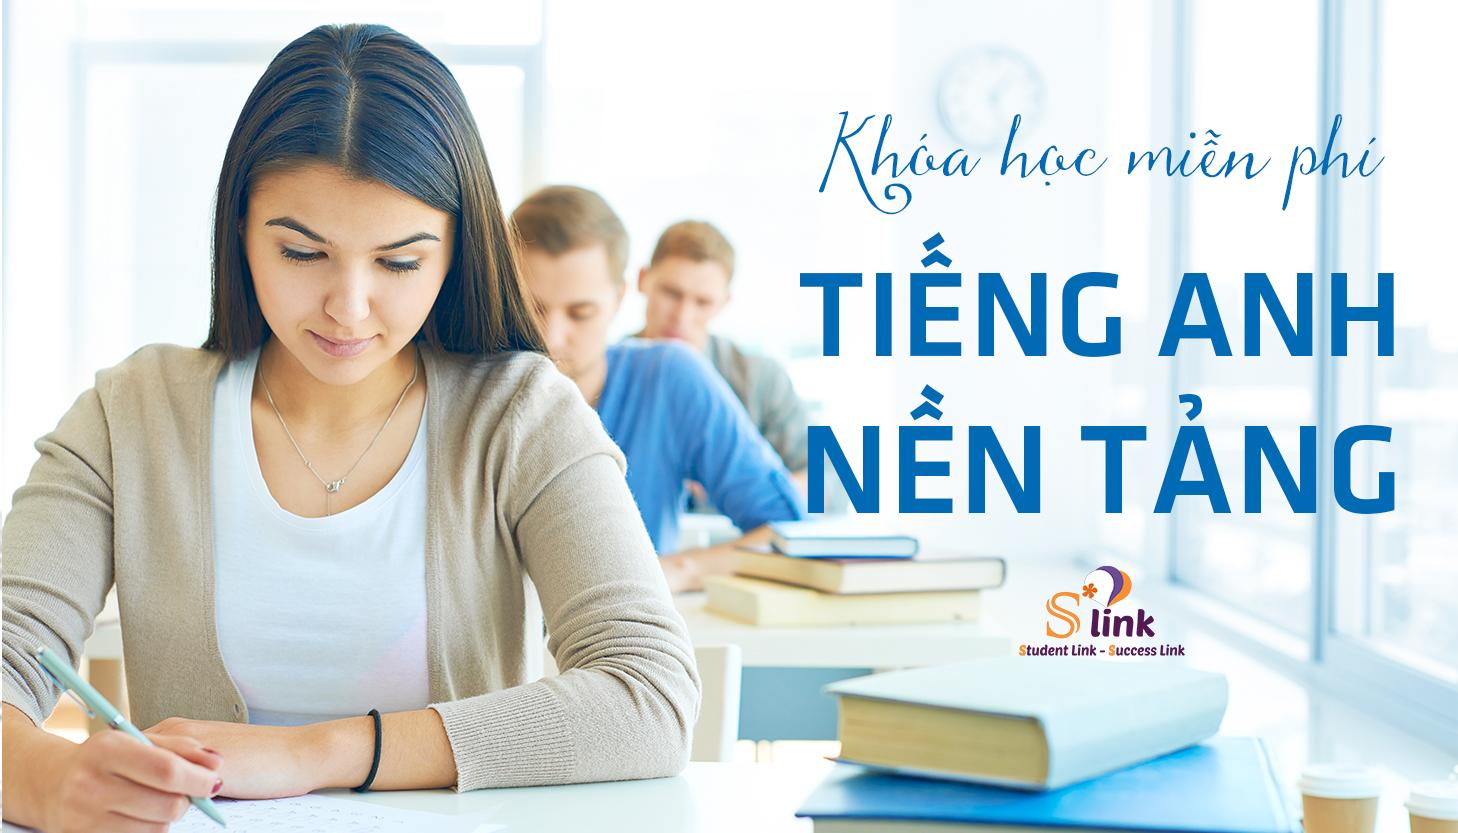 [HN] Khóa Học Miễn Phí: Học Tiếng Anh Nền Tảng Cùng S*LINK